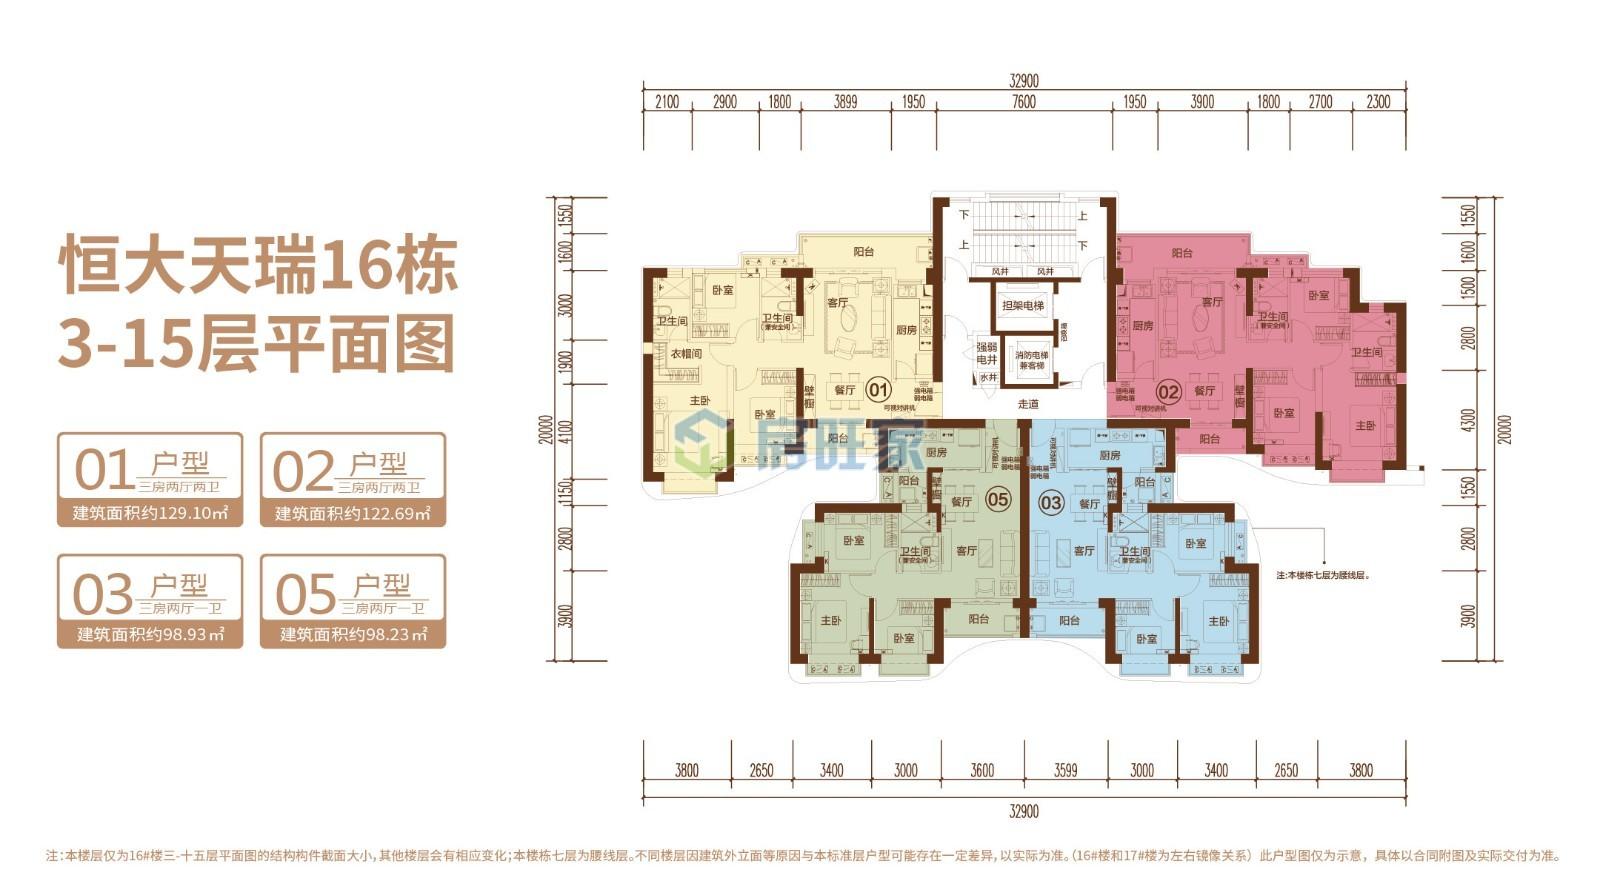 恒大美丽沙天瑞16栋平面图